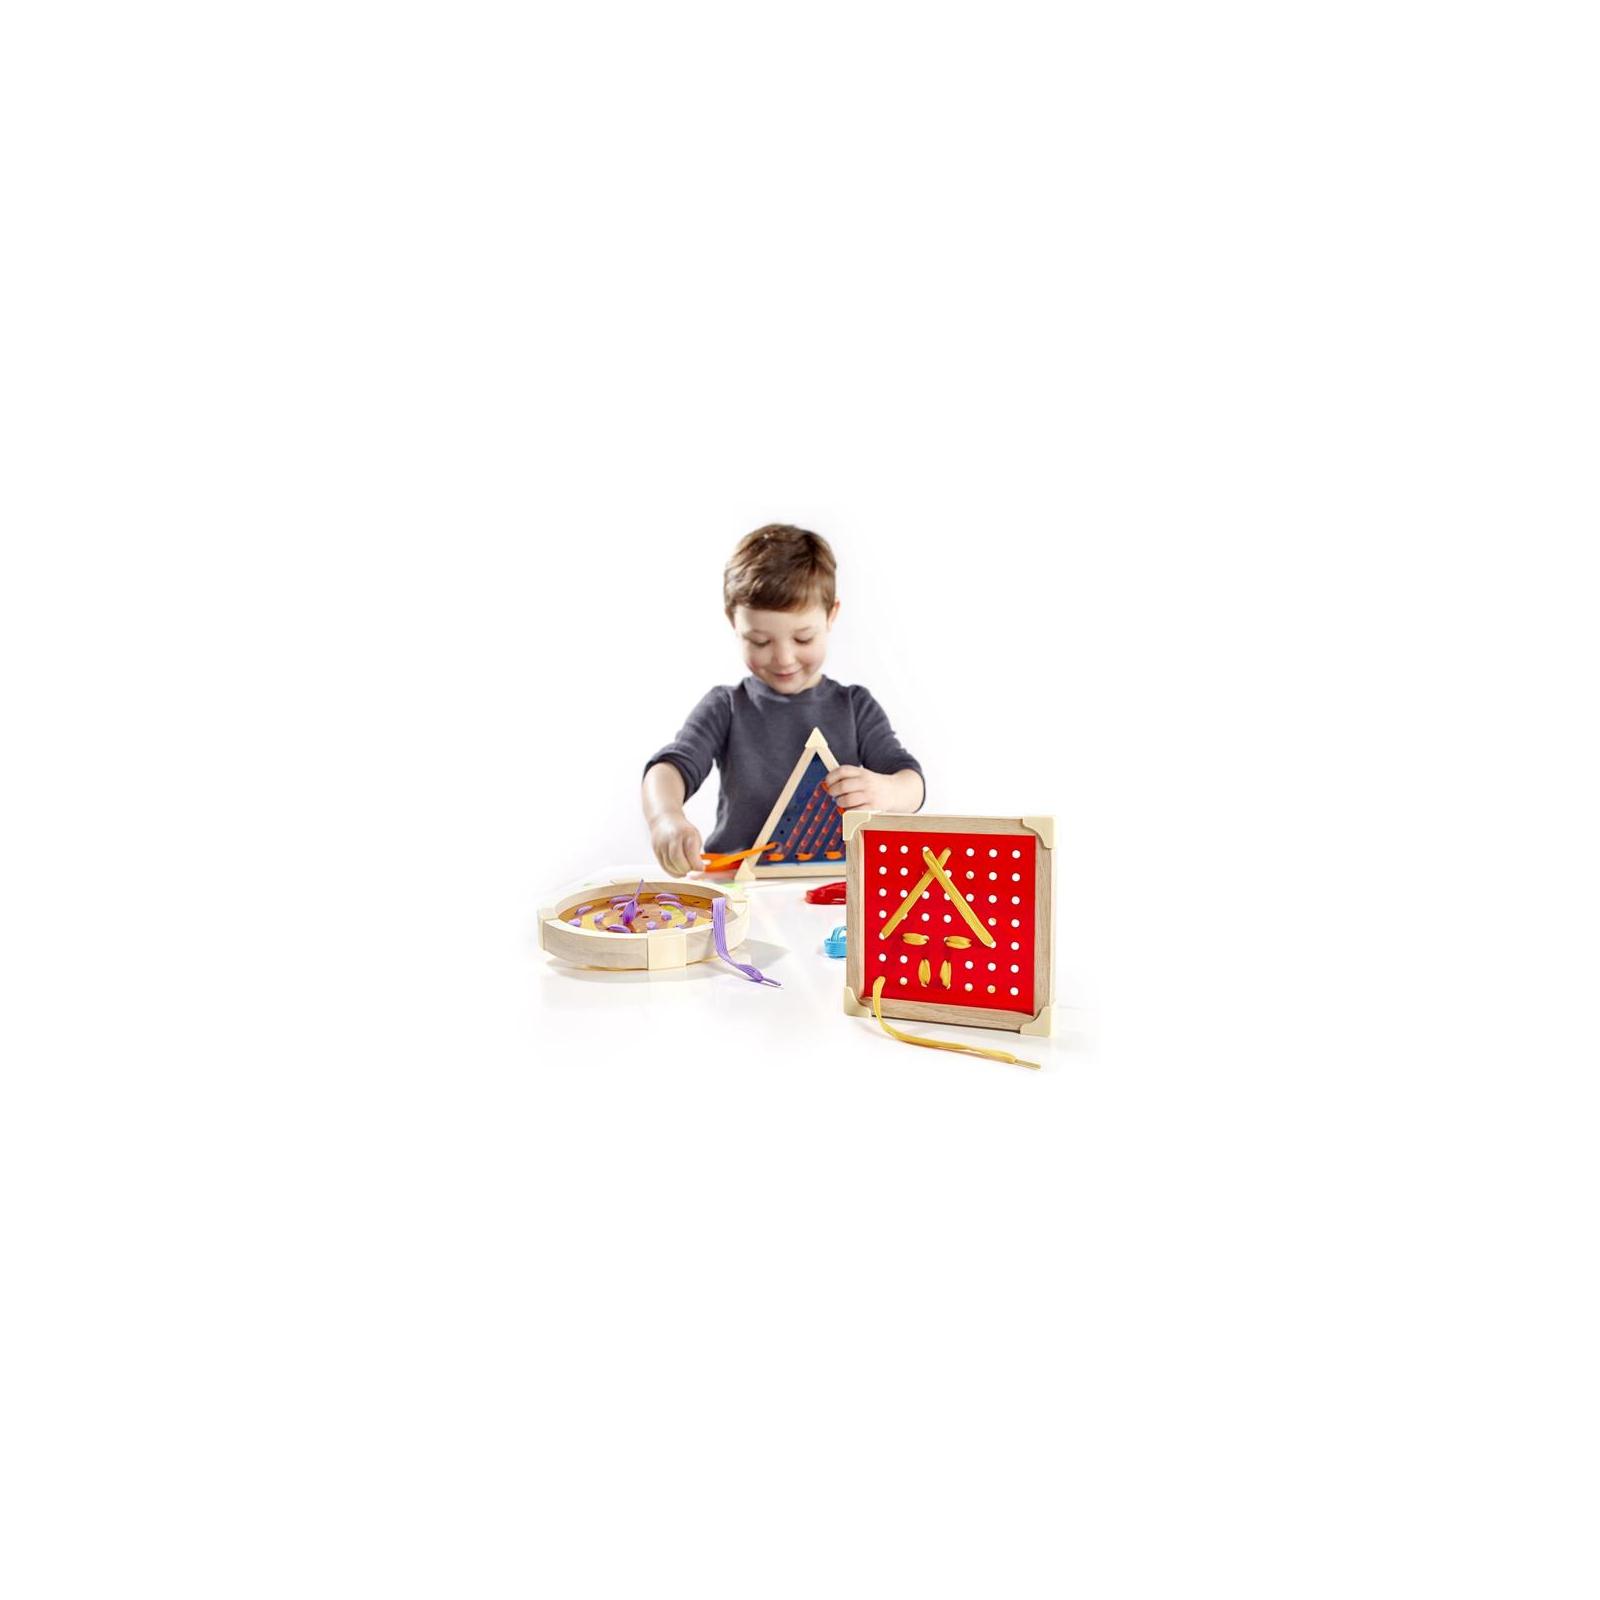 Развивающая игрушка Guidecraft Шнуровка Manipulatives Геометрия (G6801) изображение 2